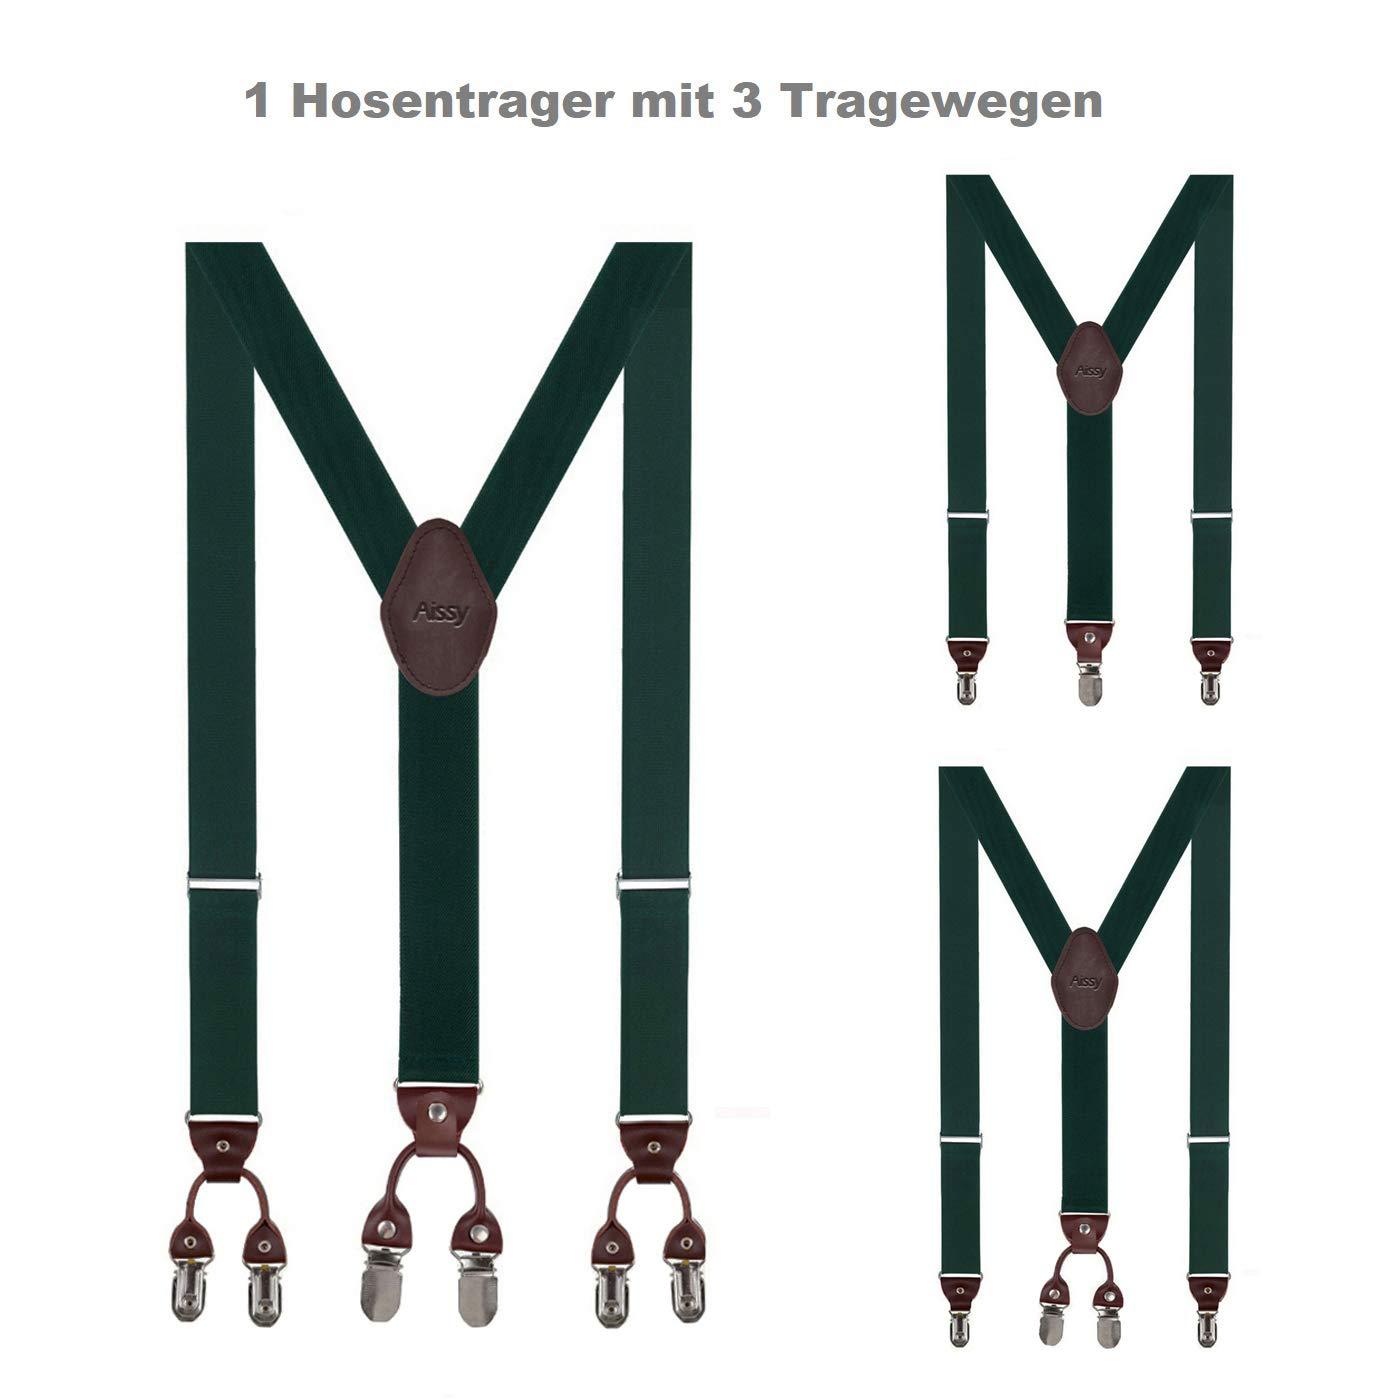 Aissy 3 WAY TO WEAR bretelle per uomo 3,5 cm a Y elastica e lunghezza regolabile bretelle larghezza con 6 clip forti e papillon